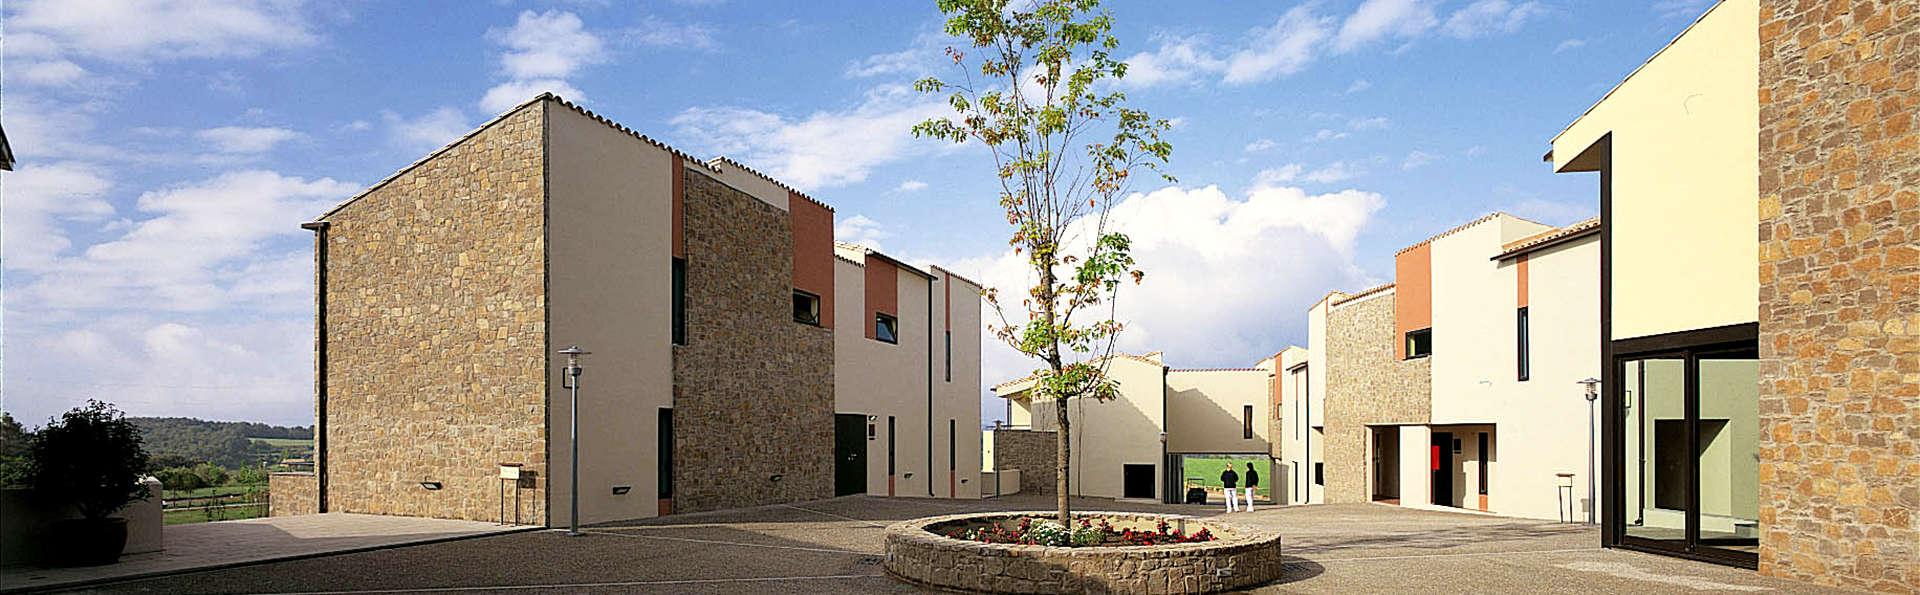 Vilar Rural de Cardona - Edit_Front.jpg